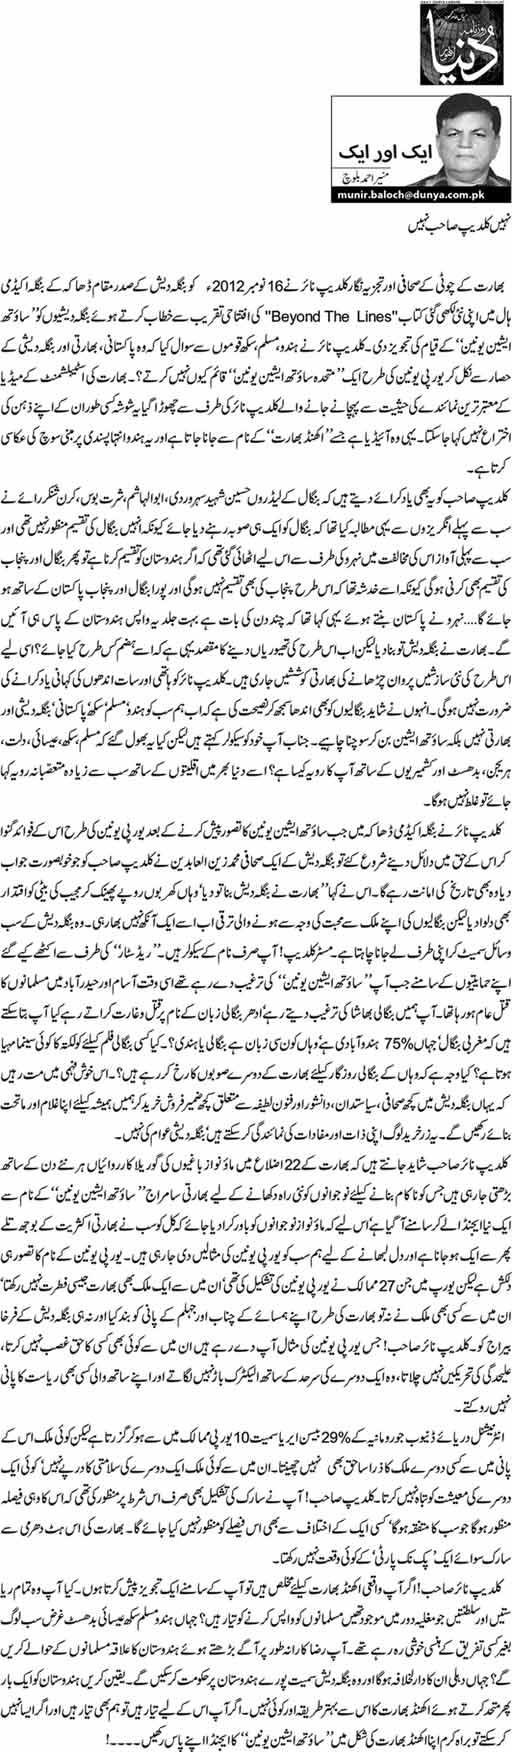 Nahi Kuldeep Sahab nahi - Munir Ahmed Baloch